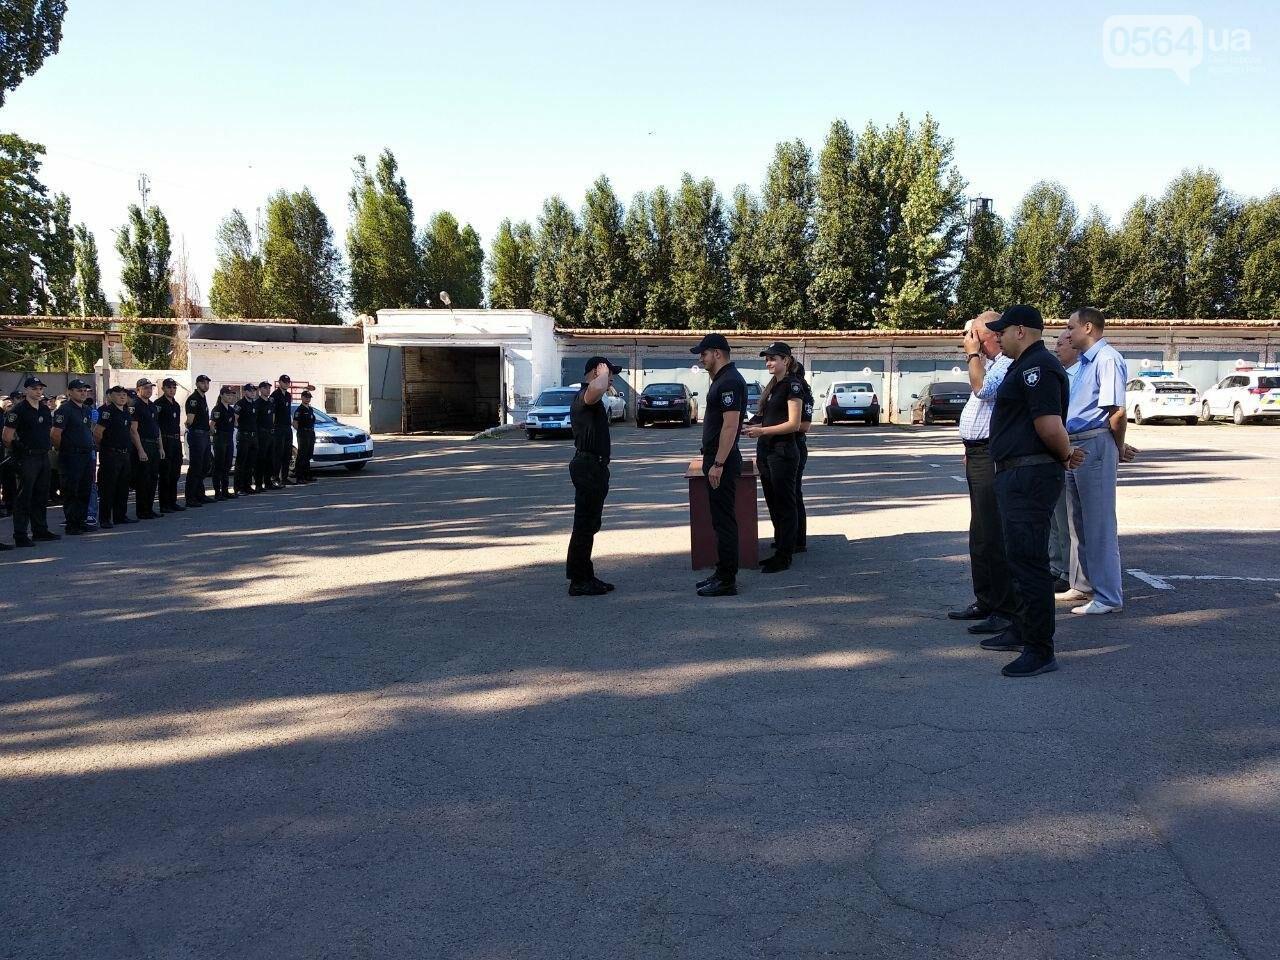 В Кривом Роге наградили патрульных за добросовестное выполнение служебных обязанностей, - ФОТО, фото-16